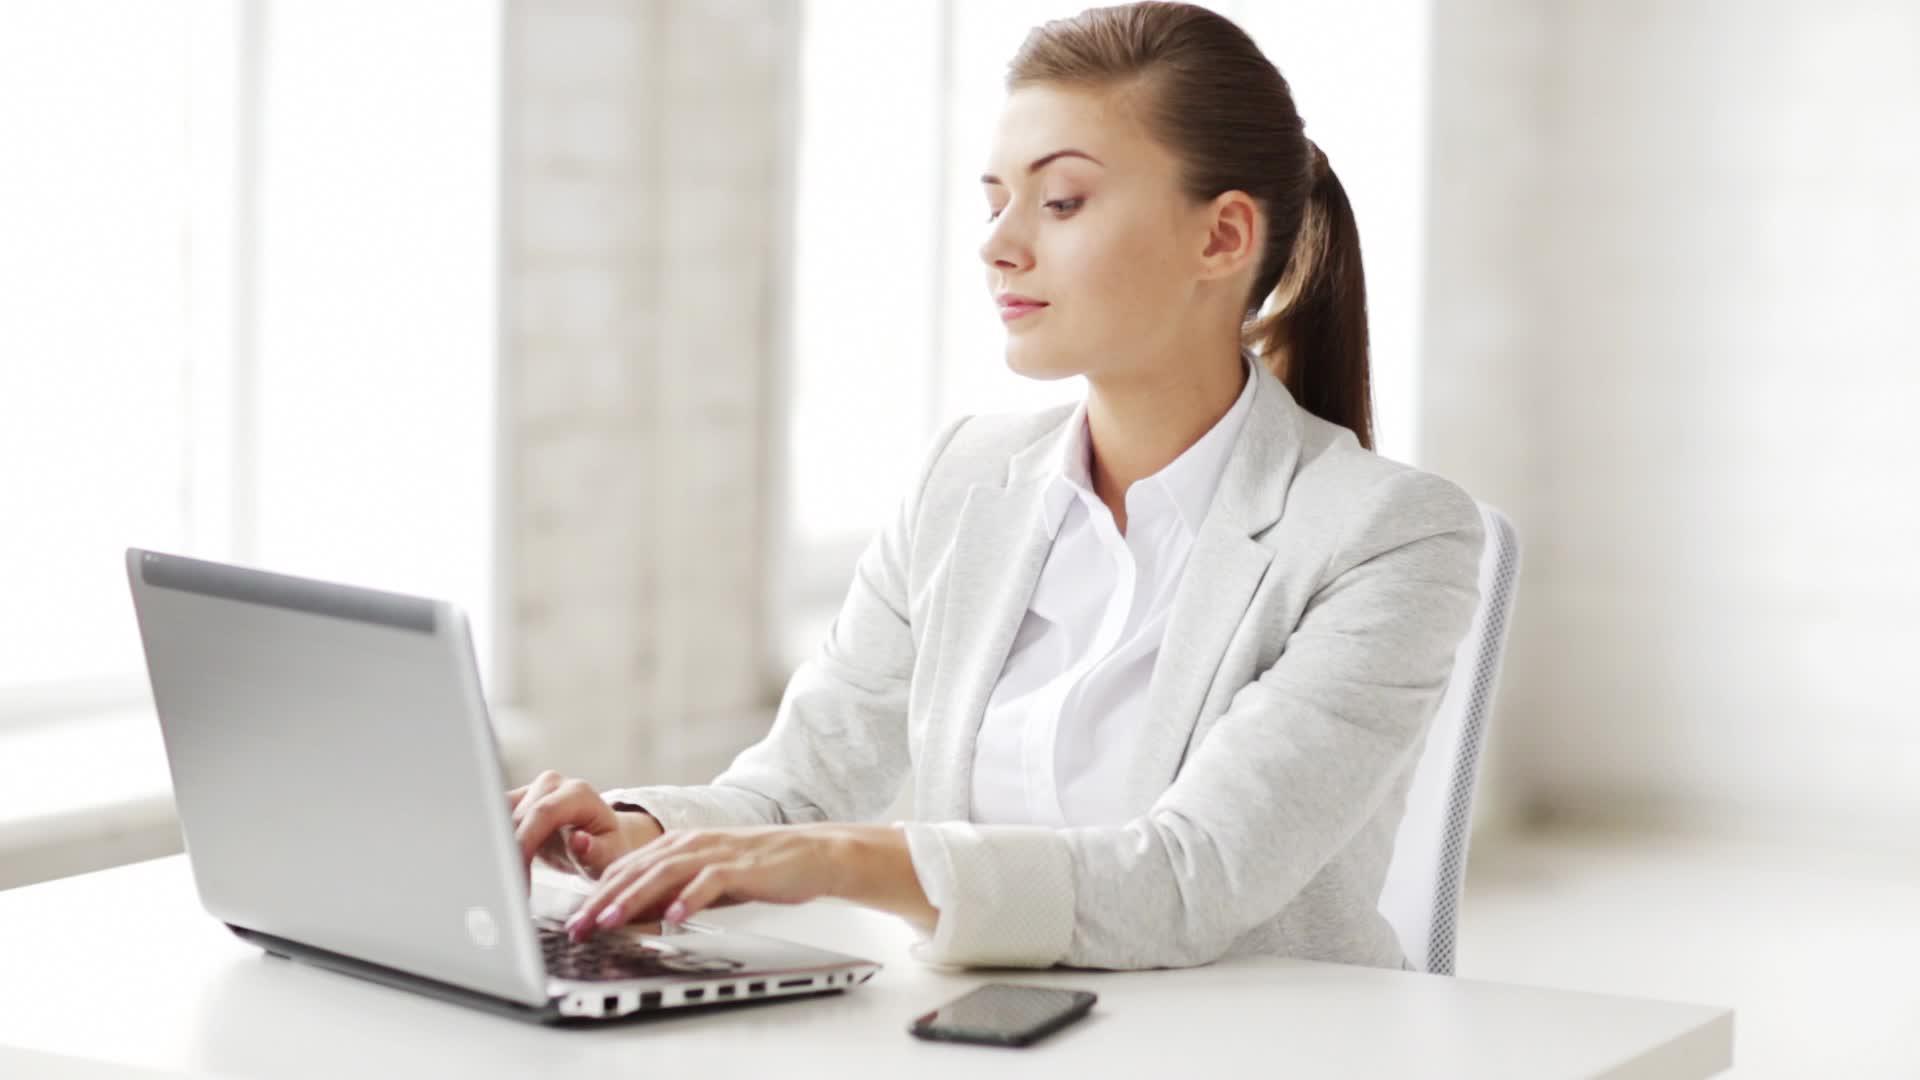 Colaciones saludables seg n el tipo de actividad laboral for Que es un oficinista